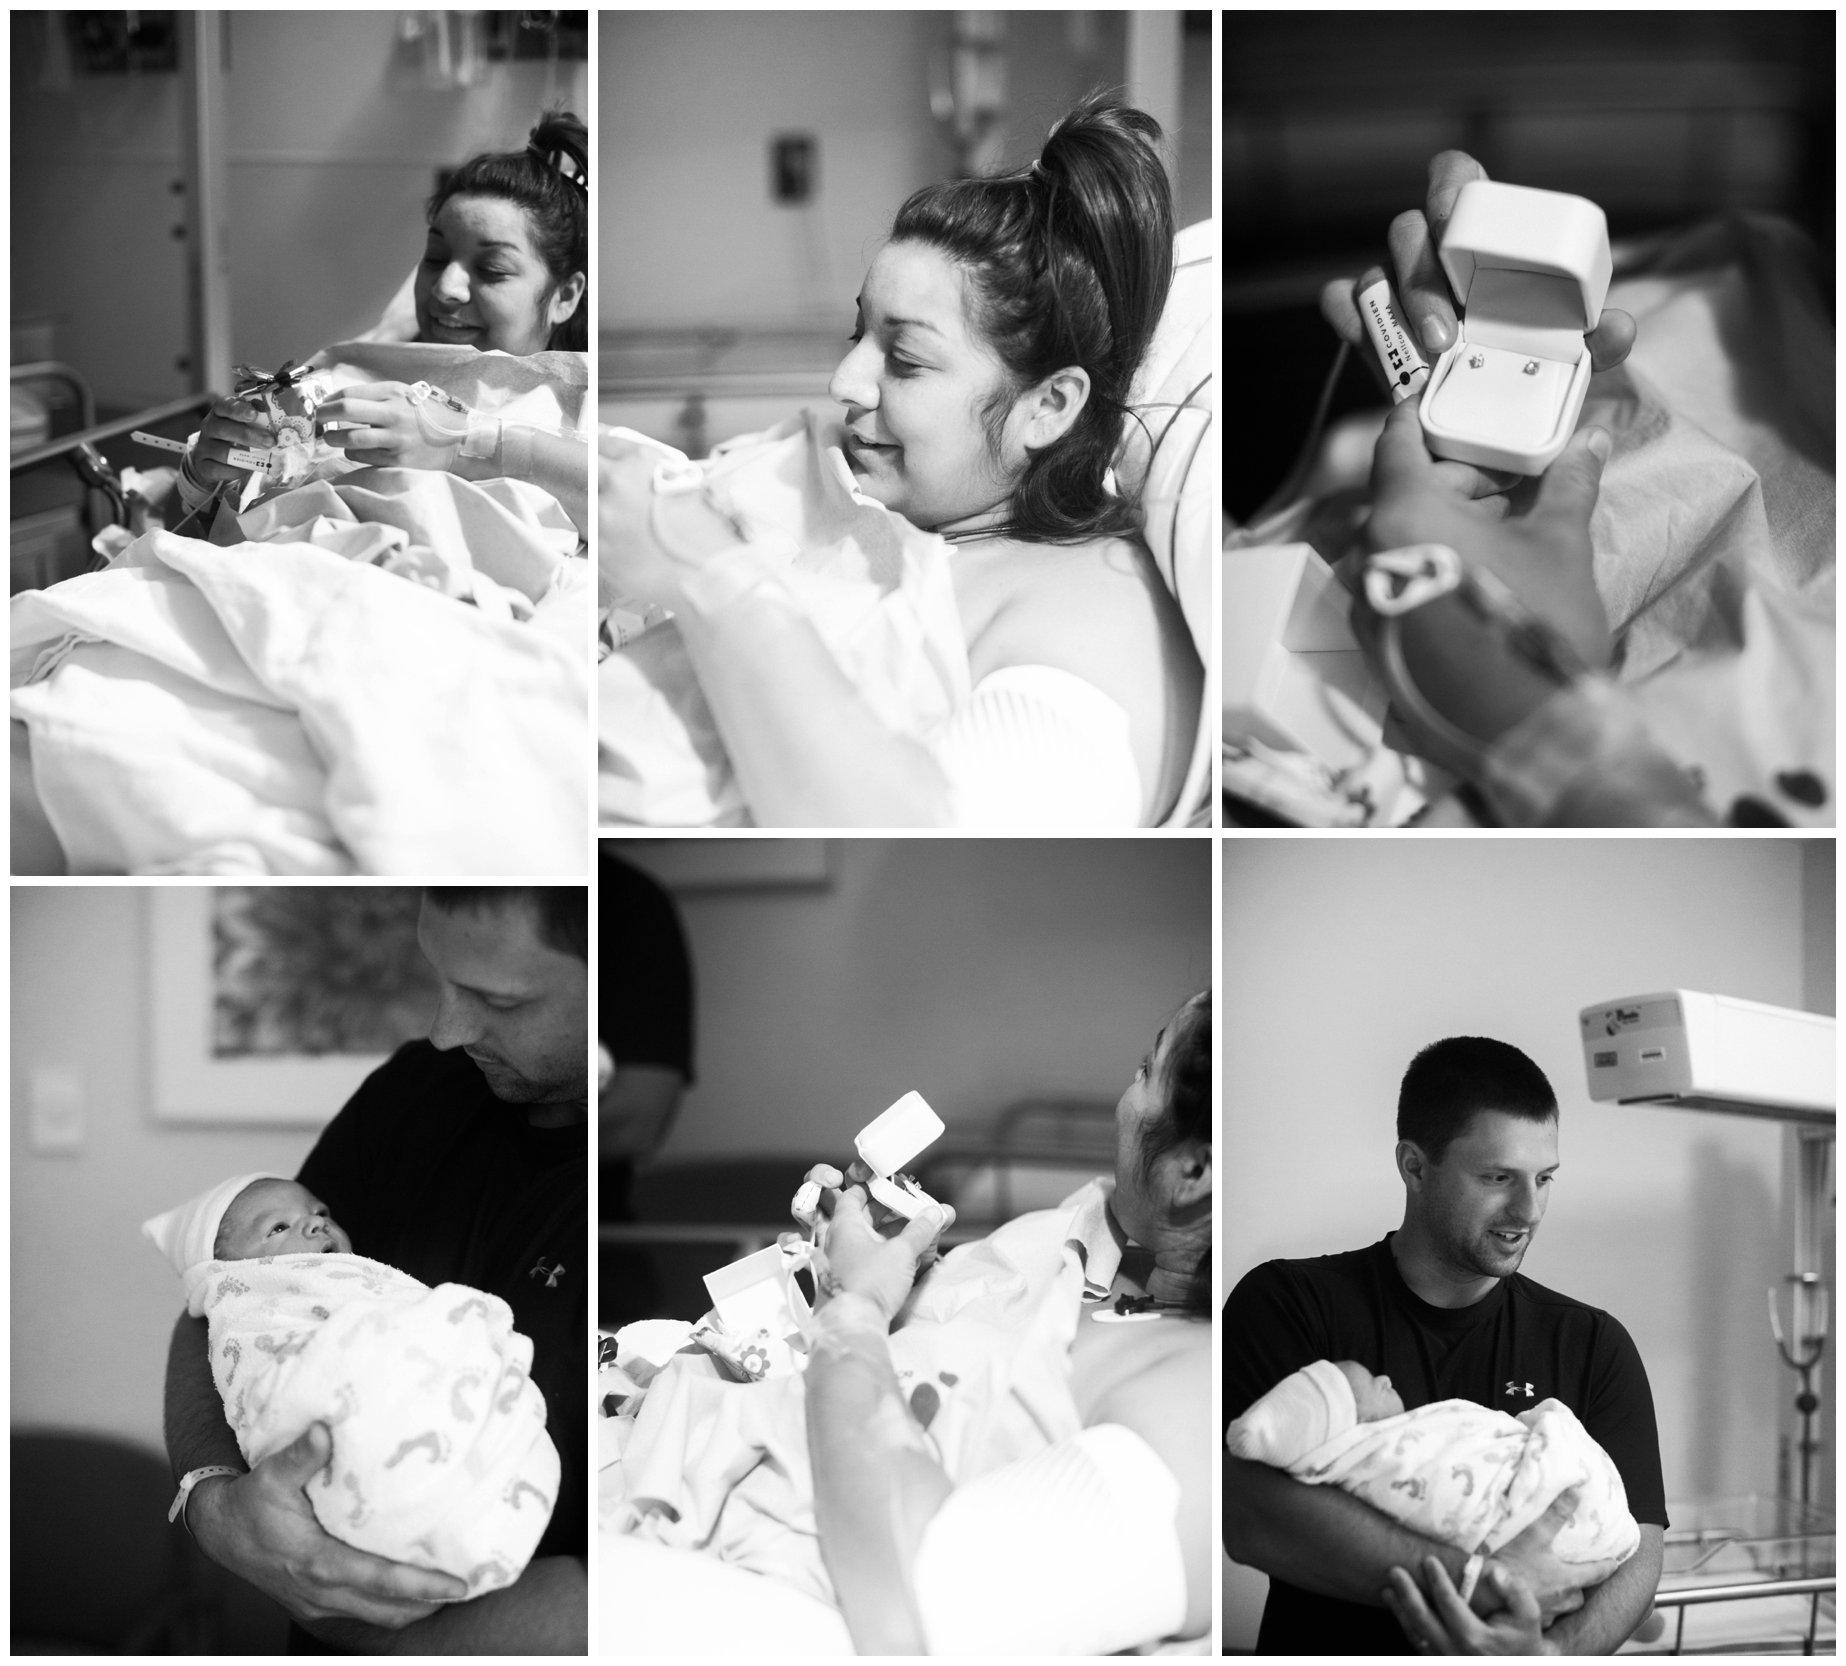 st louis photography_maternity_lauren muckler photography_film_st louis film photographer_0144.jpg